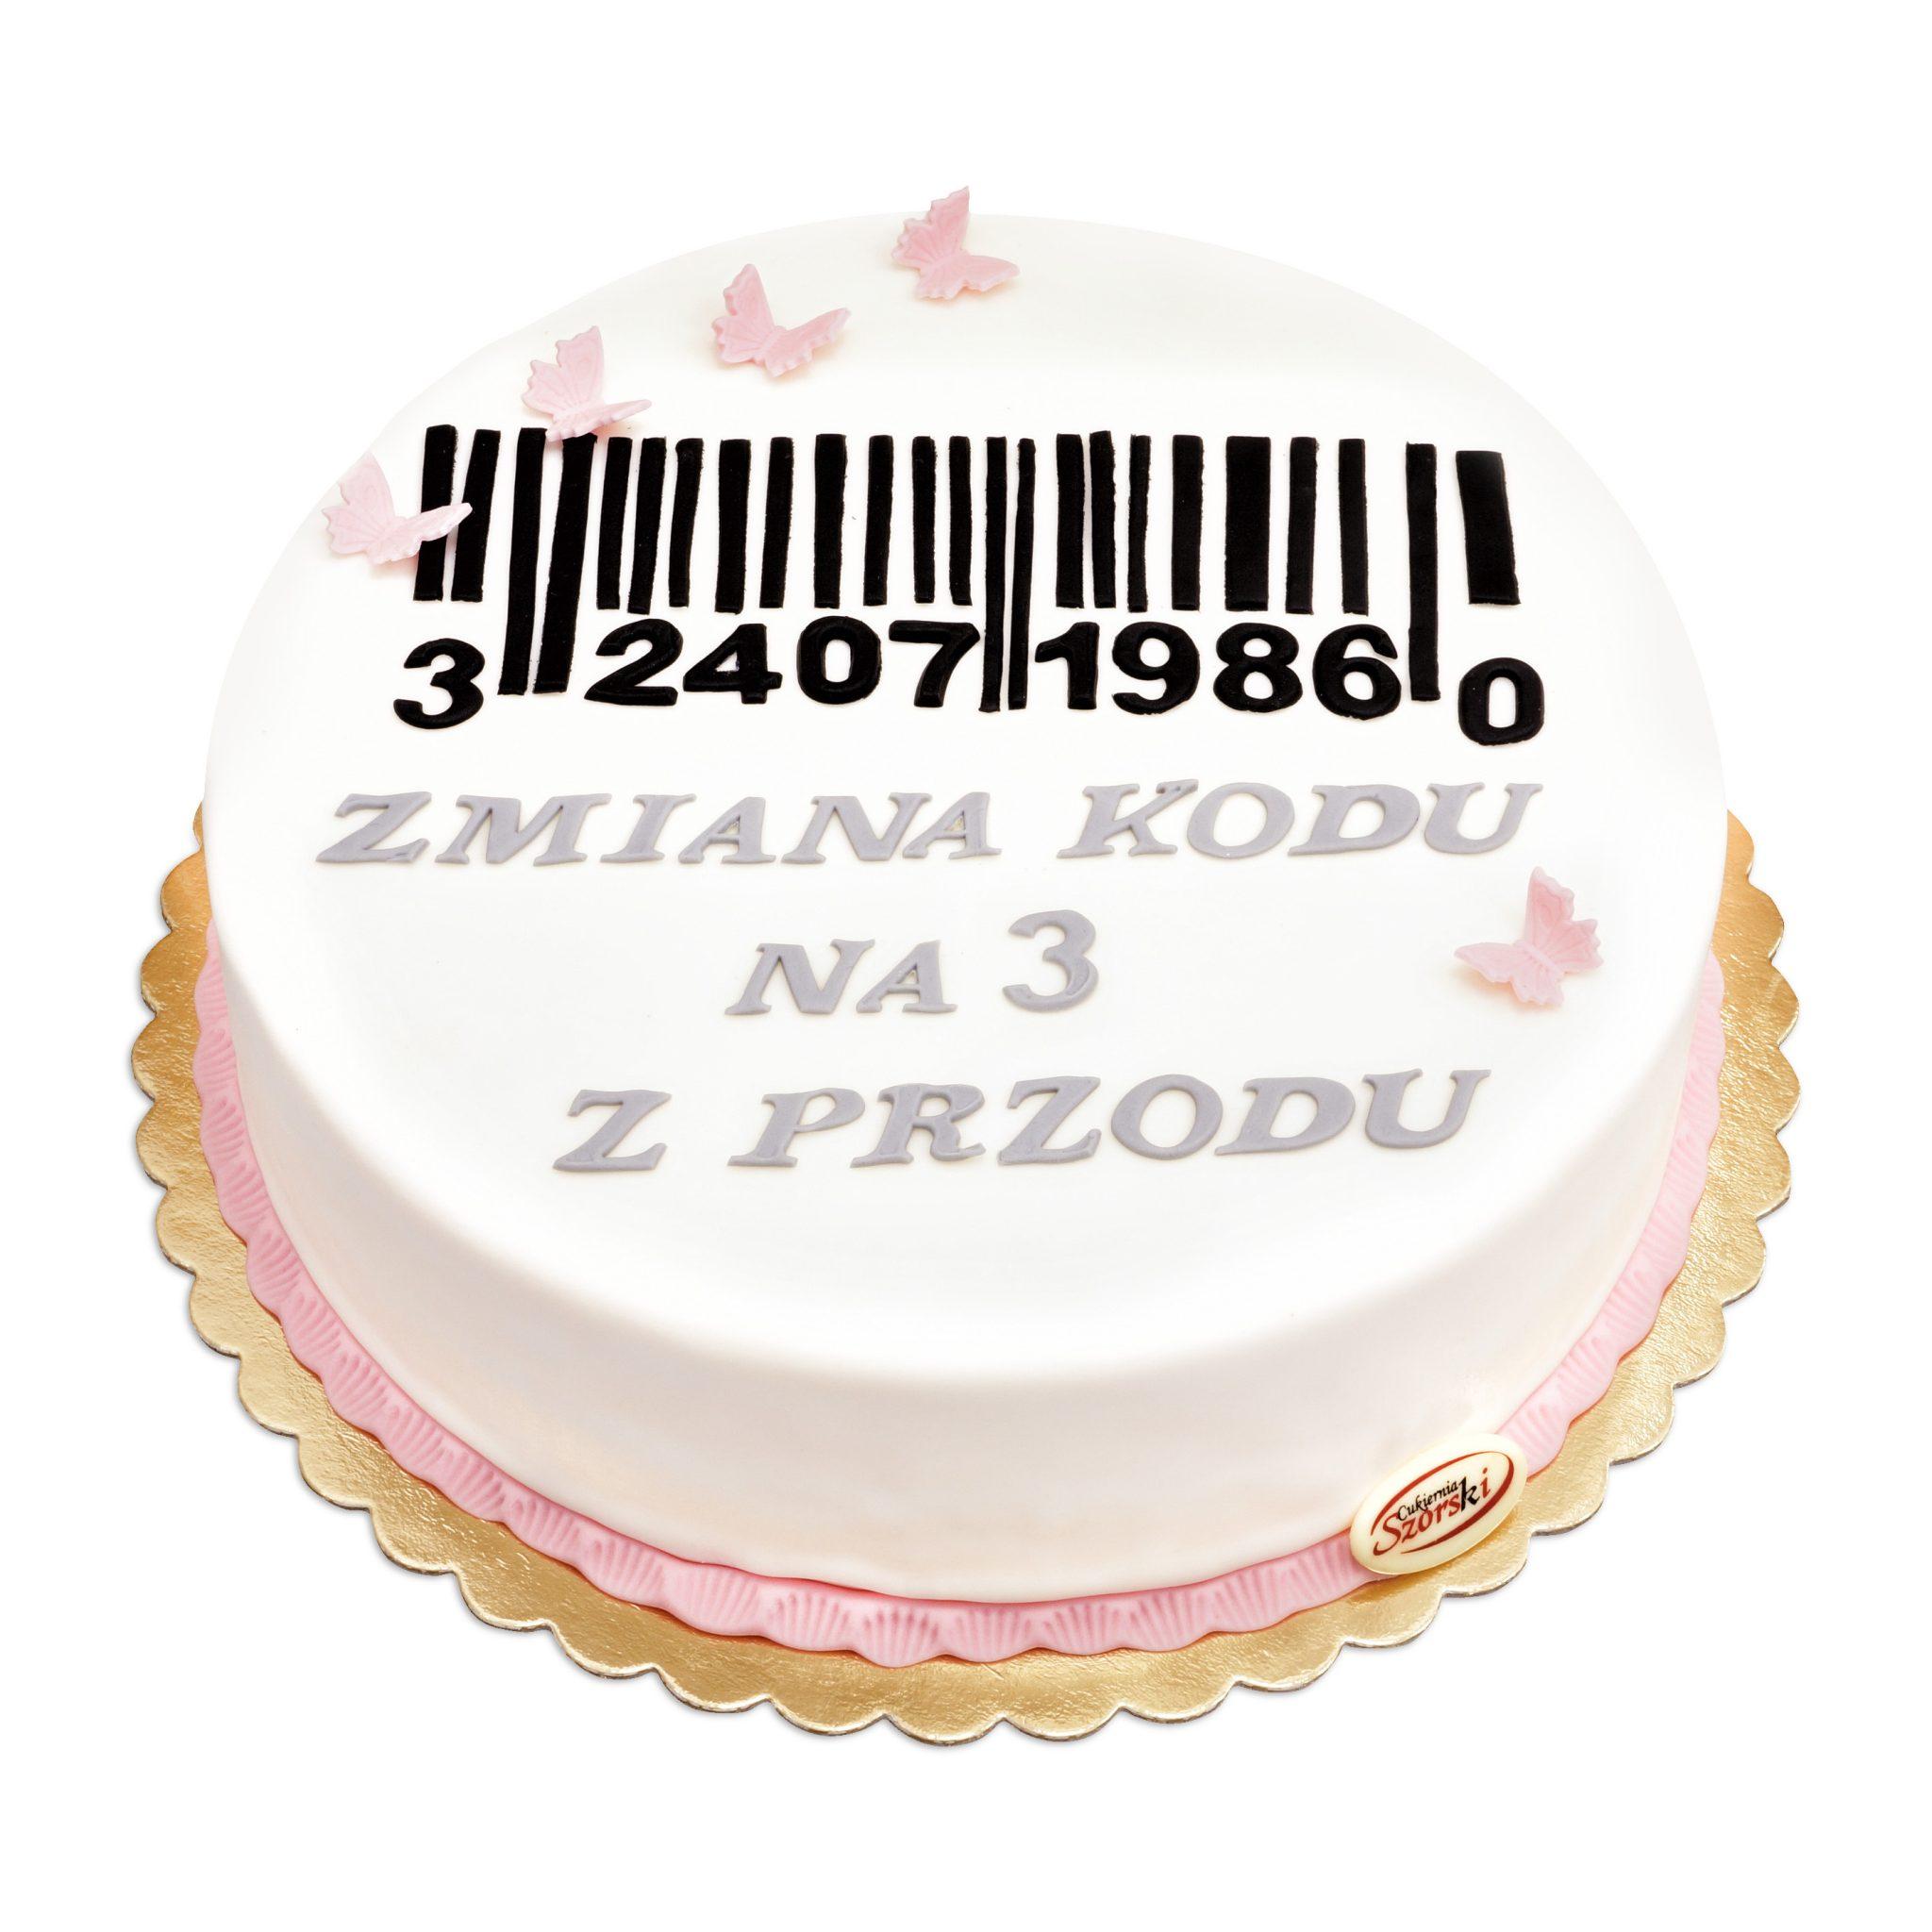 Artystyczny tort zmiana kody z ręcznie wykonanymi dekoracjami z masy cukrowej cukiernia ostrow wlkp